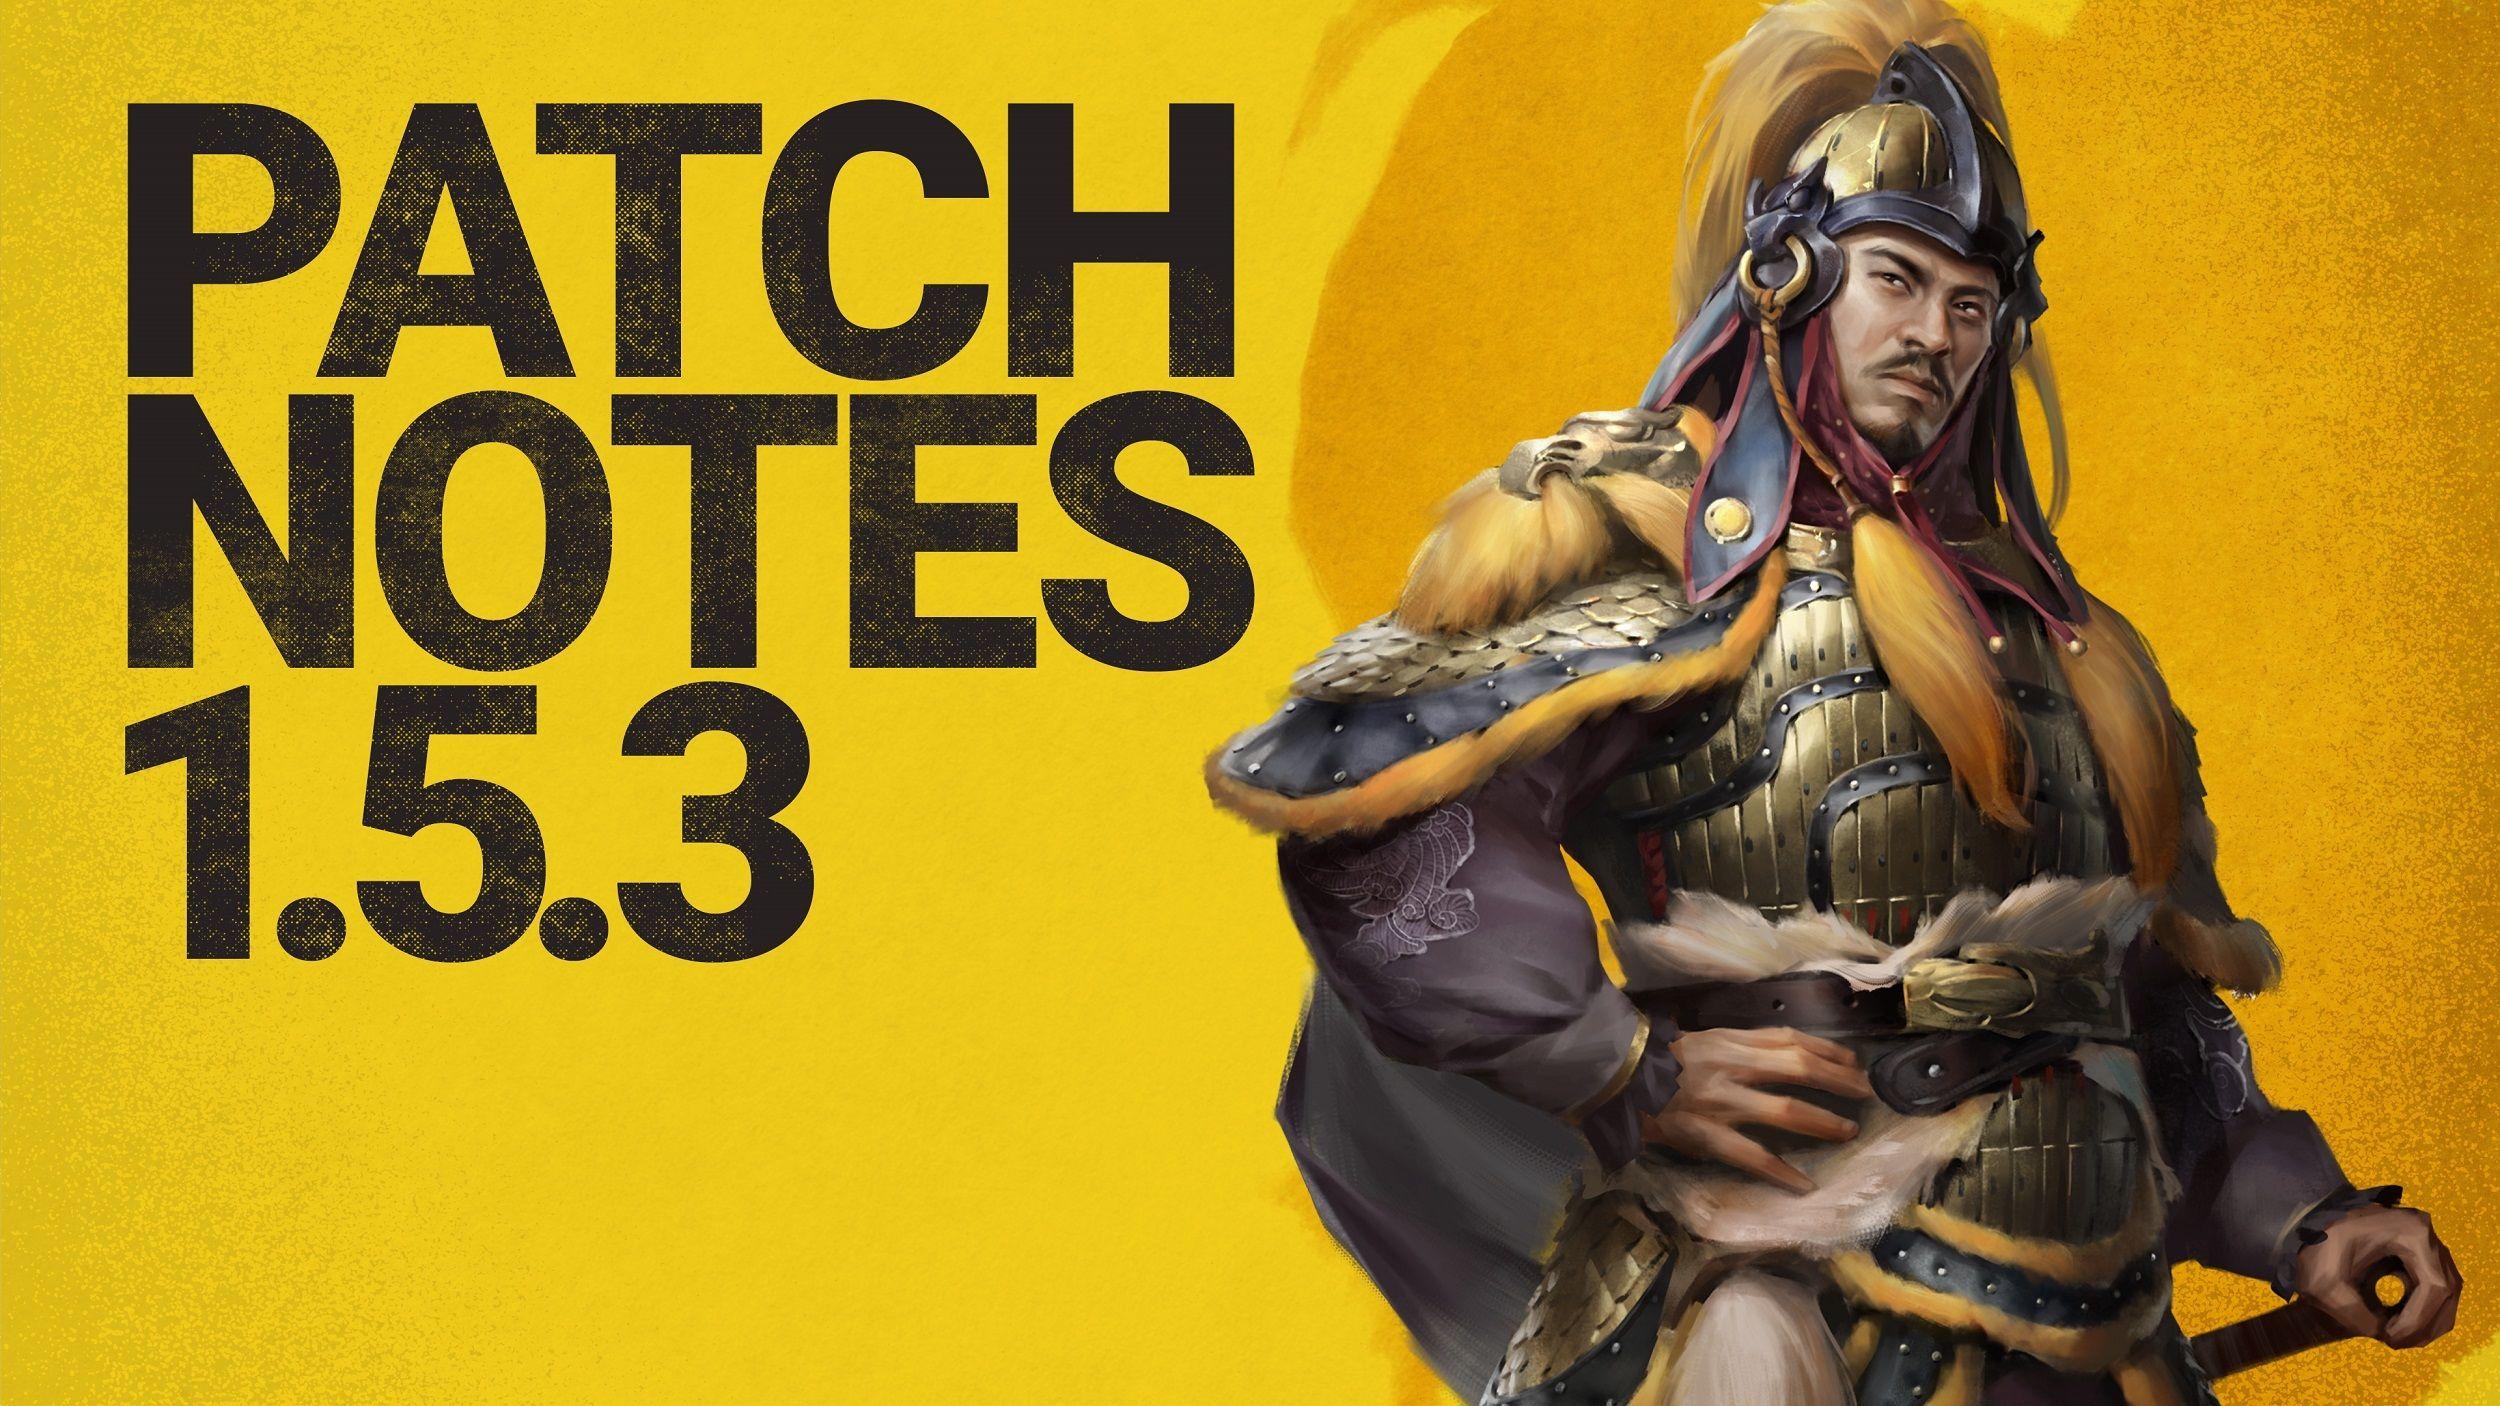 The THREE KINGDOMS патч 1.5.2 (и 1.5.3 beta) уже доступны!